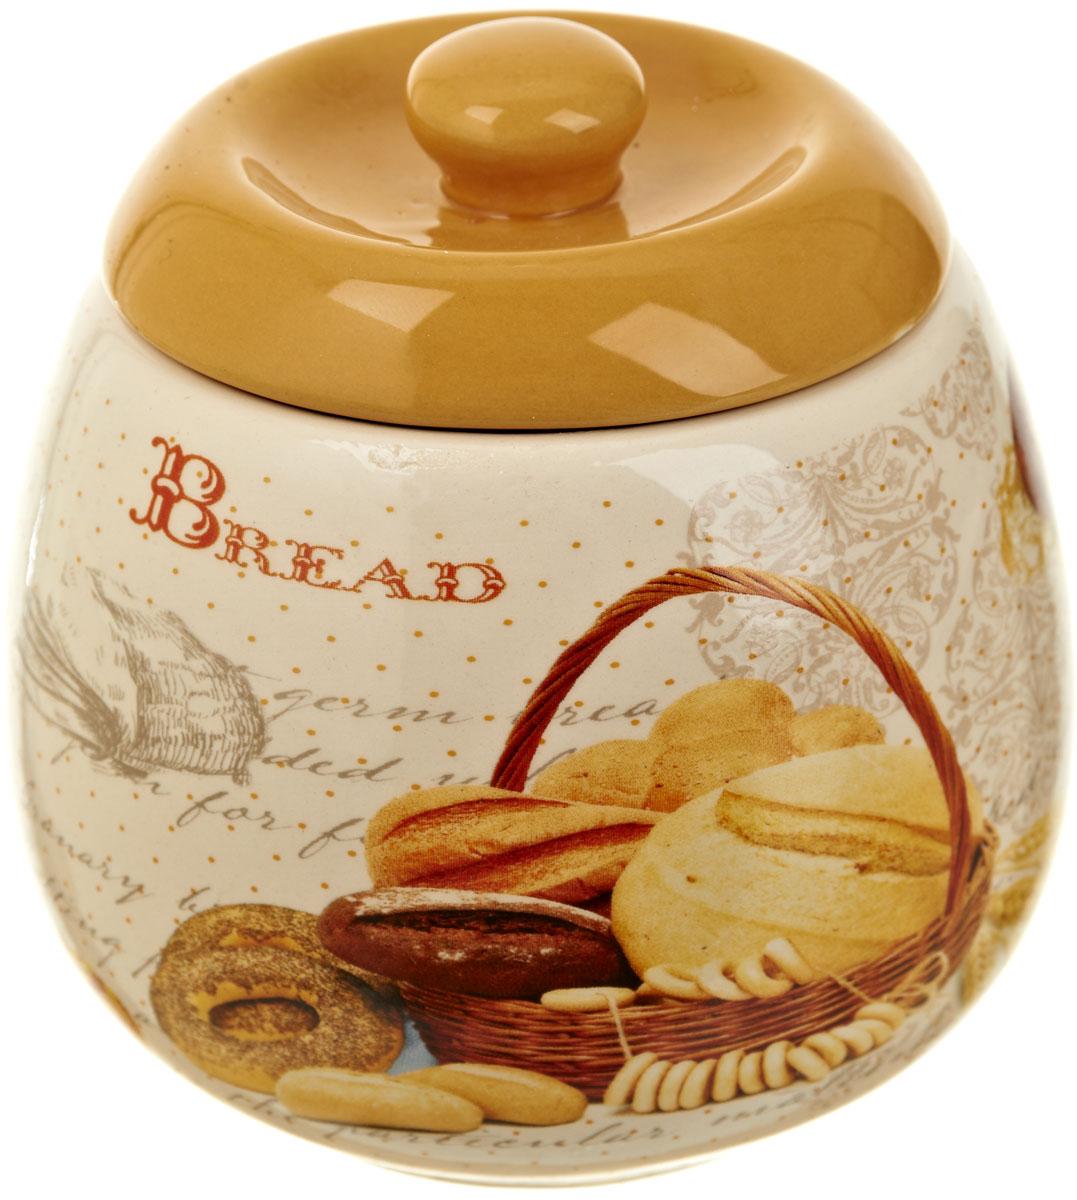 Сахарница Polystar Хлеб, 500 млL1581896Сахарница Хлеб с крышкой изготовлена из высококачественной керамики и декорирована оригинальным рисунком. Емкость универсальна, подойдет как для сахара, так и для меда.Объем: 500 мл.